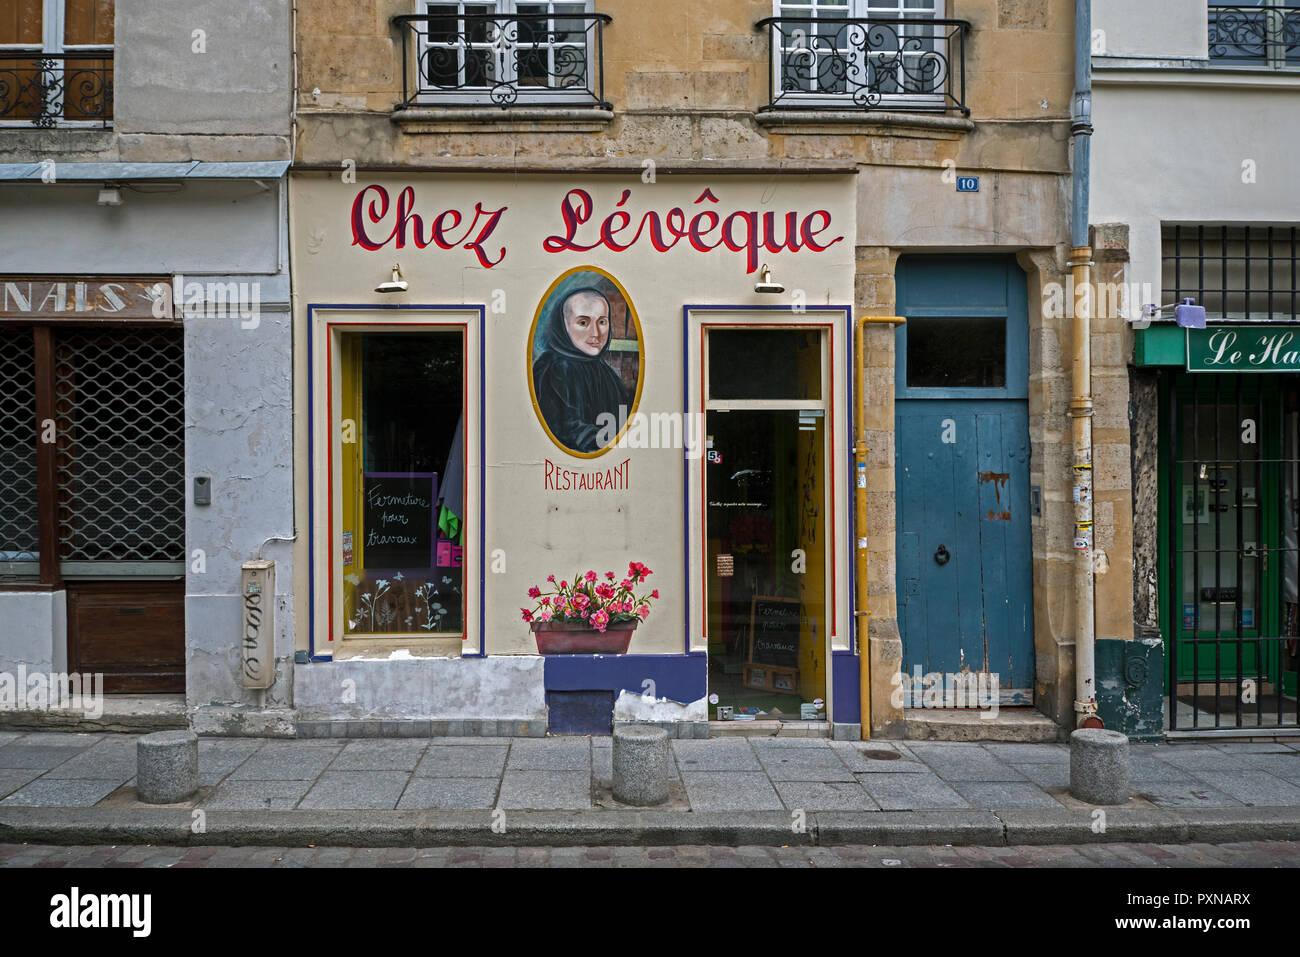 Chez Leveque, a traditional French restaurant in rue Saint Julien le Pauvre, Paris, France. - Stock Image